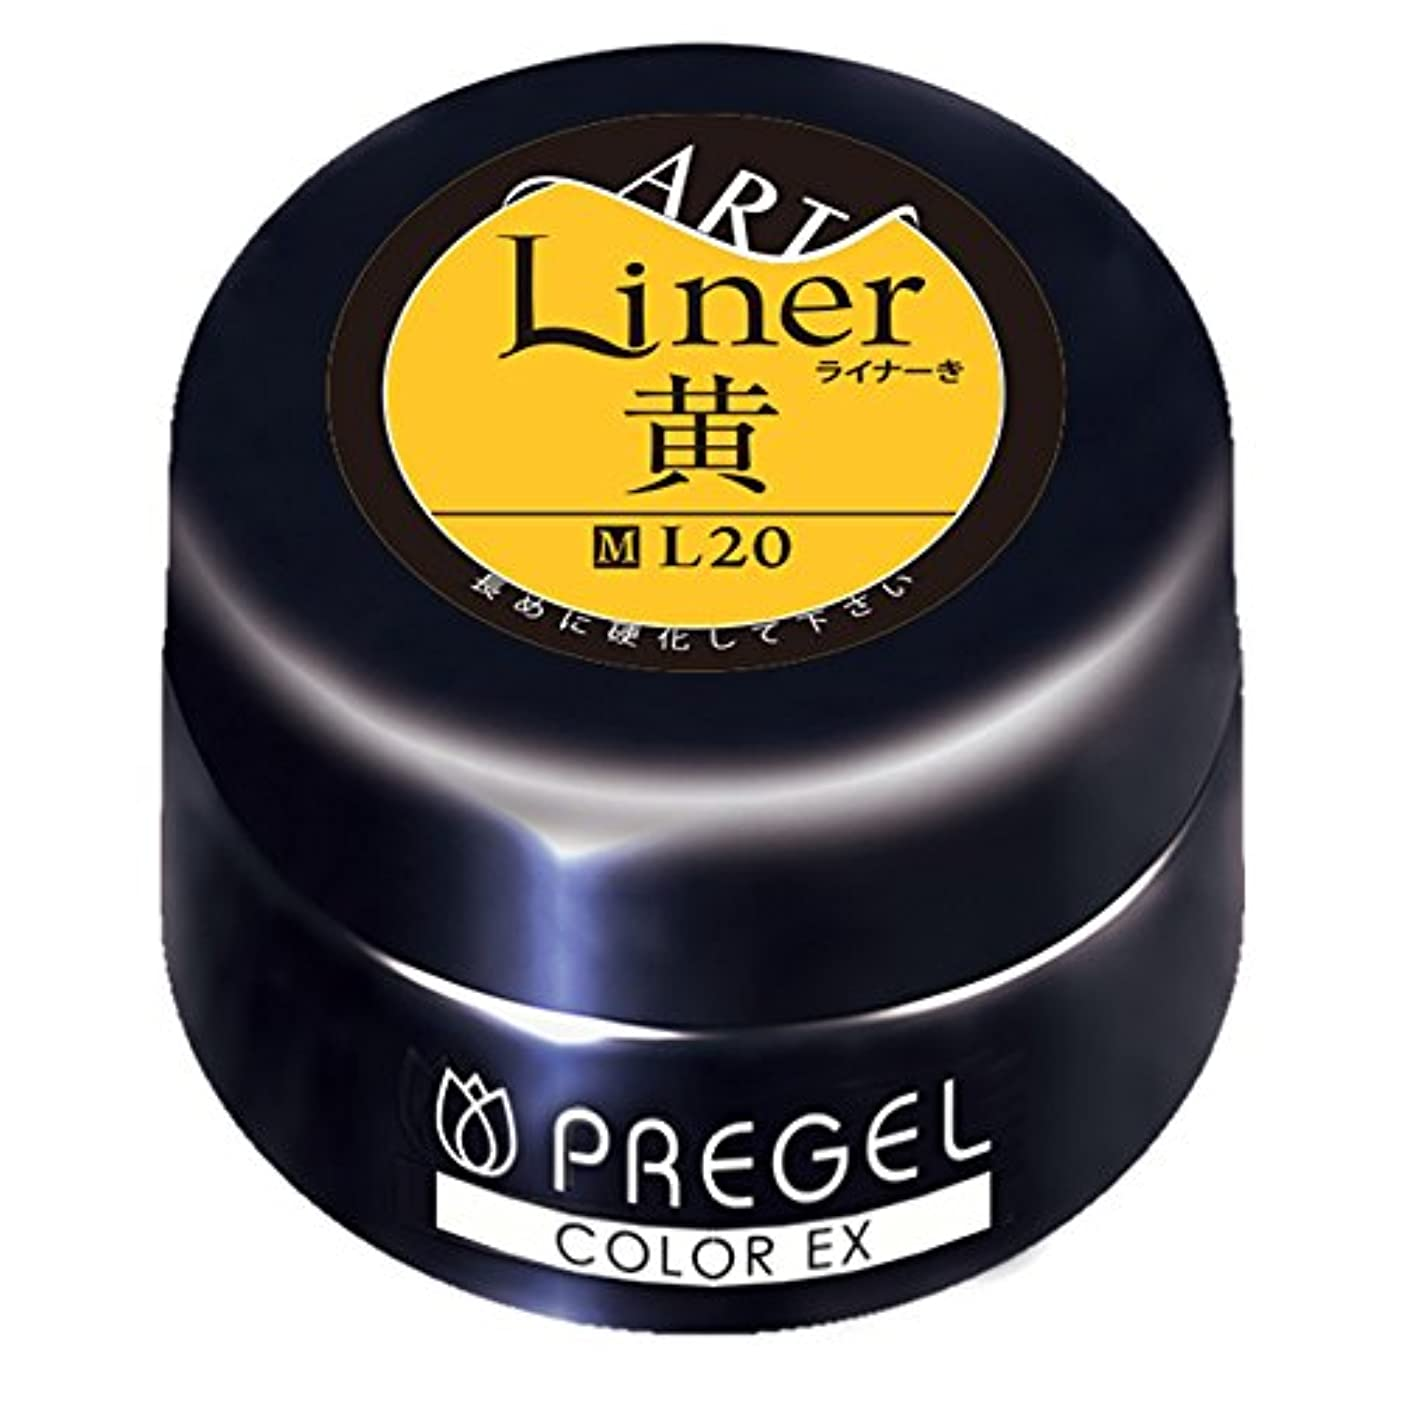 を必要としていますパリティ特徴づけるPRE GEL カラーEX ライナー黄 3g PG-CEL20 UV/LED対応